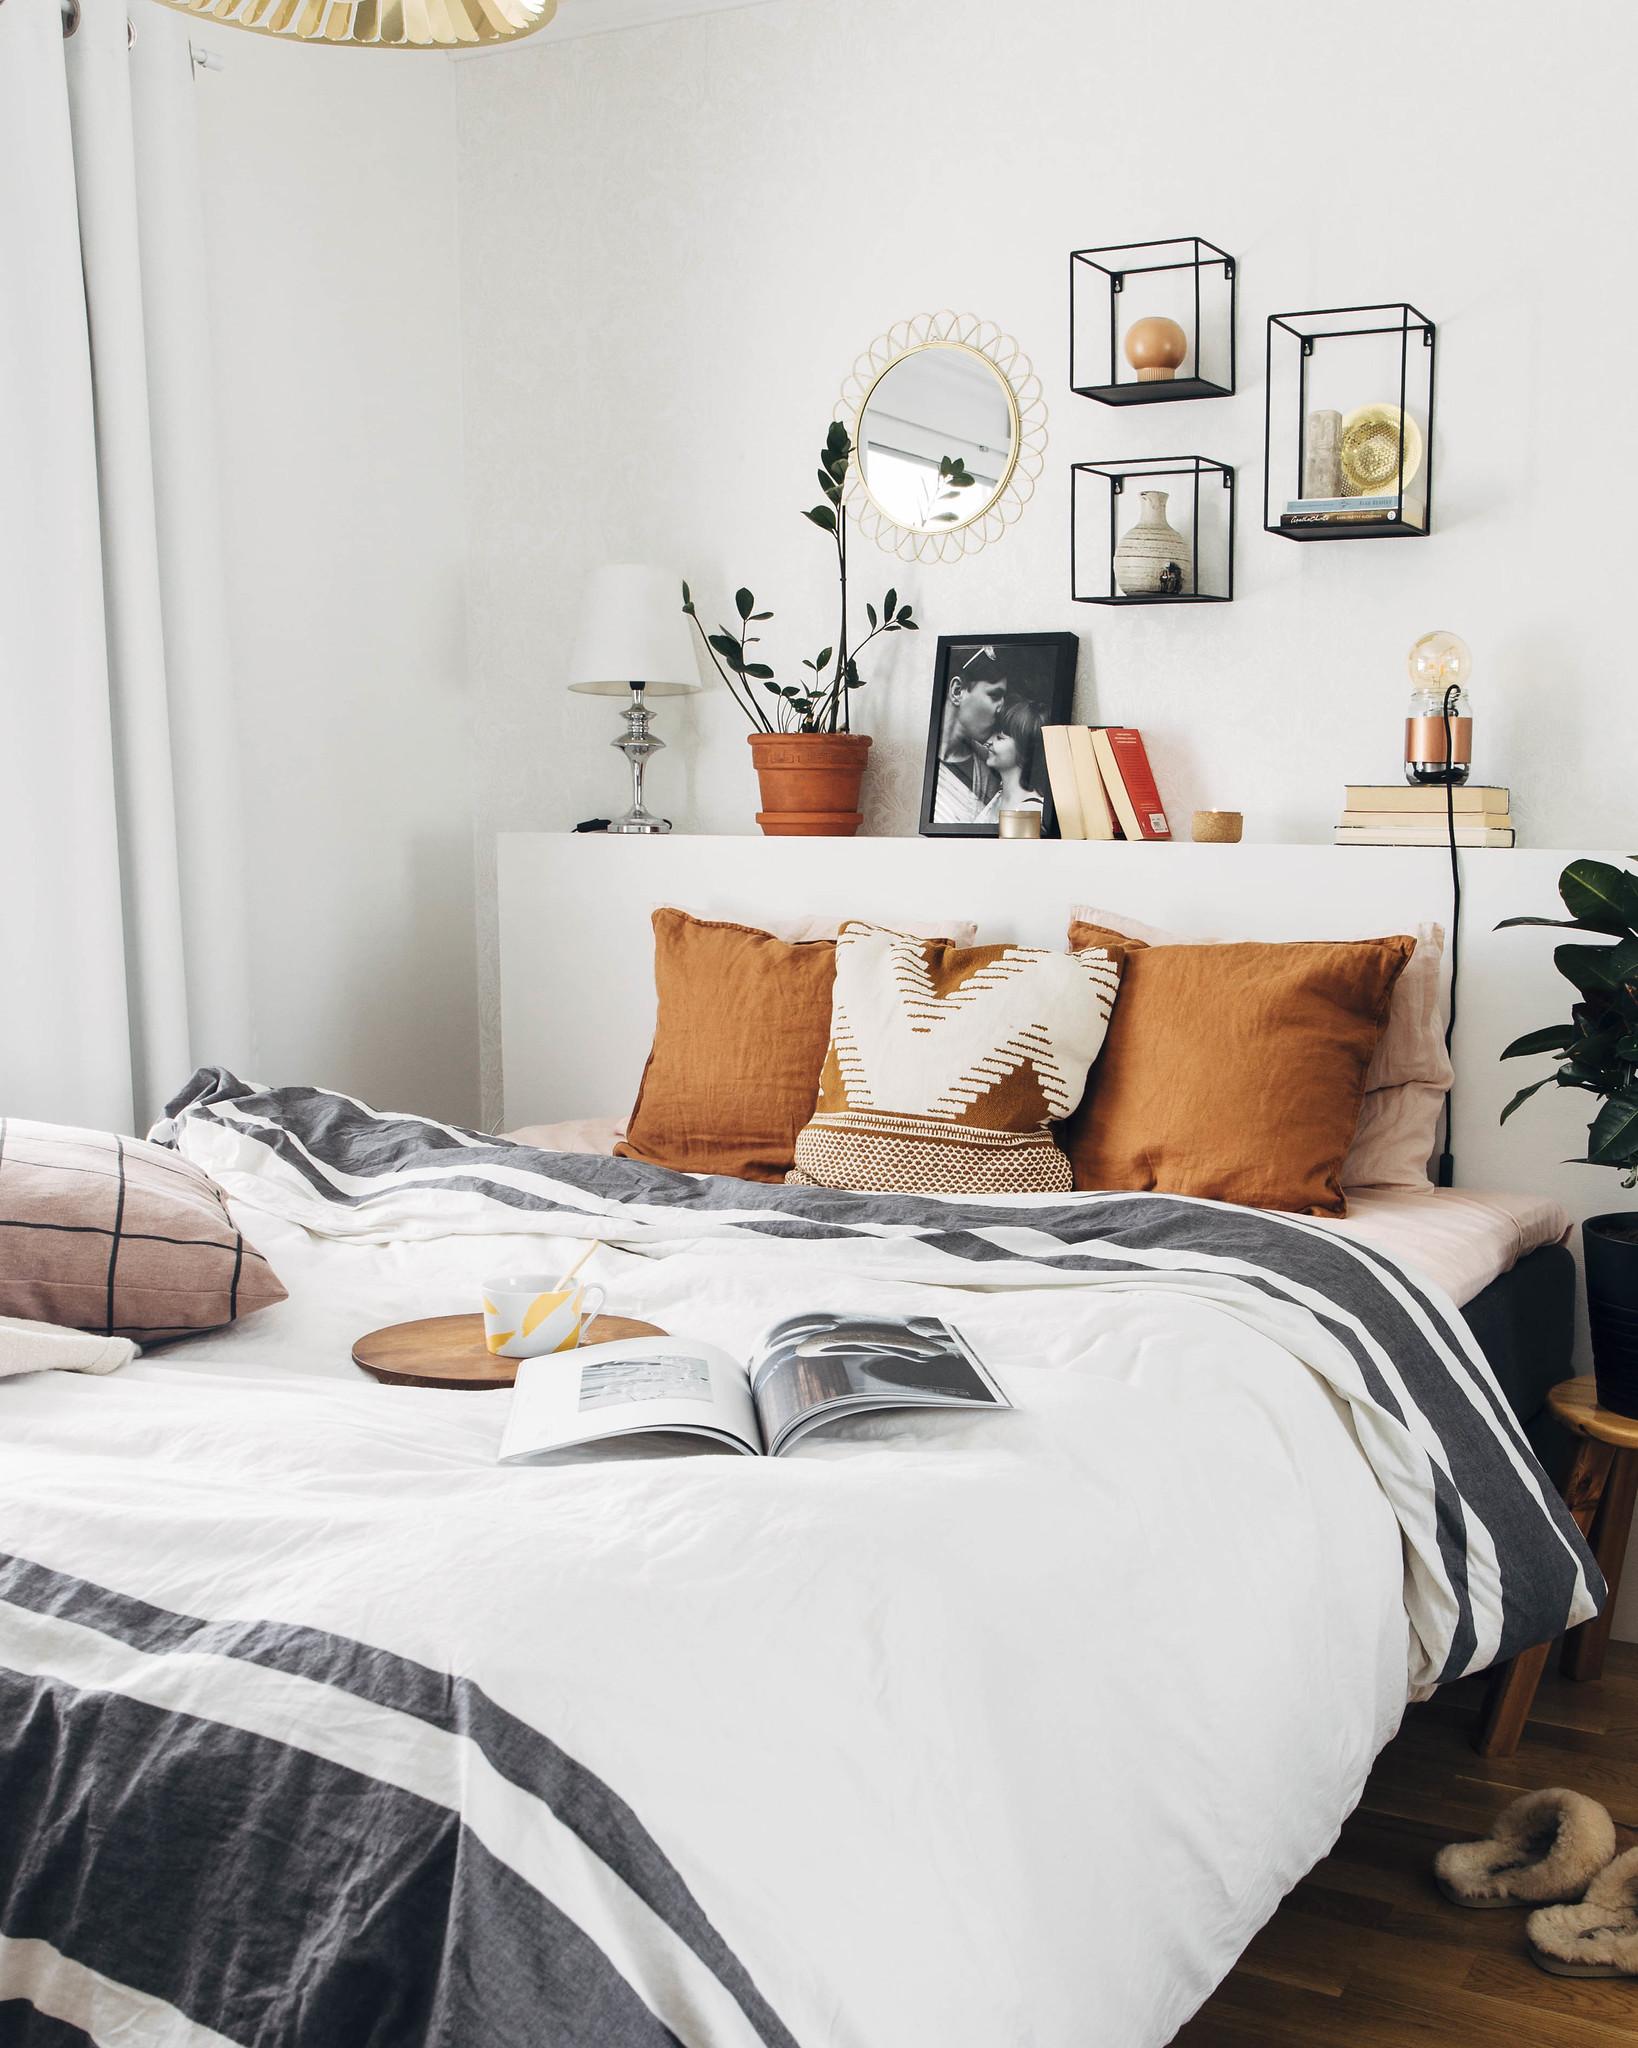 Vaalea, boheemiin tyyliin sisustettu makuuhuone.